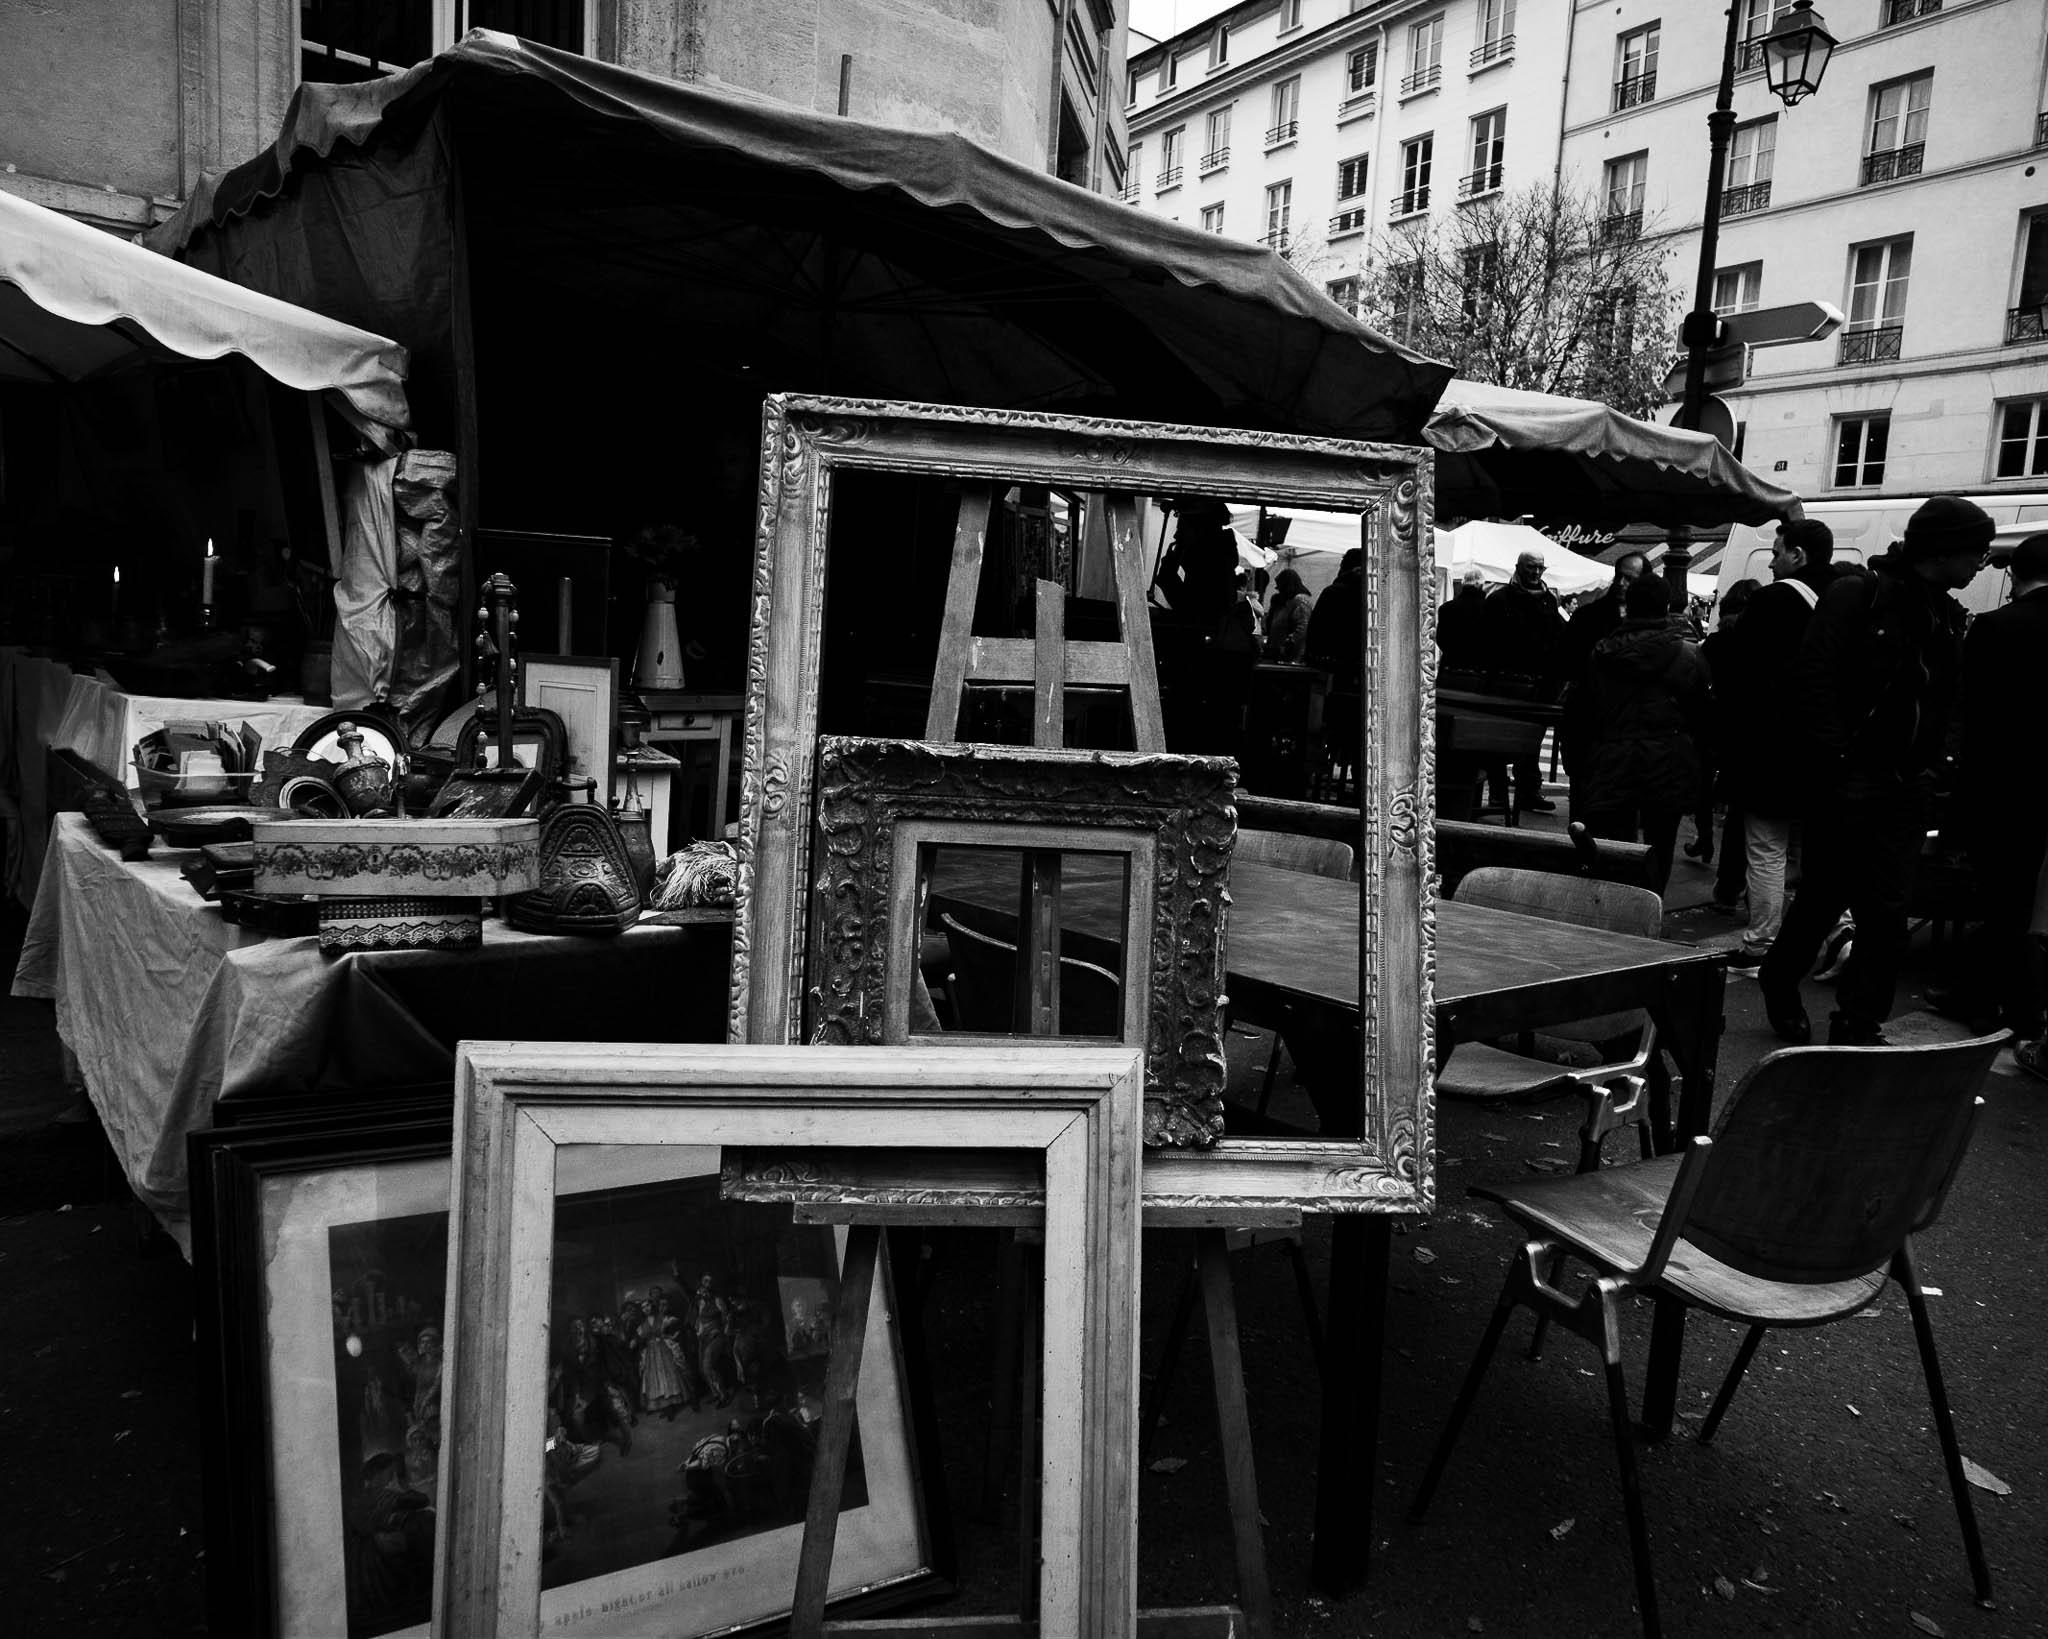 Paris_20161126_02593_©2016ArgunTekant.jpg